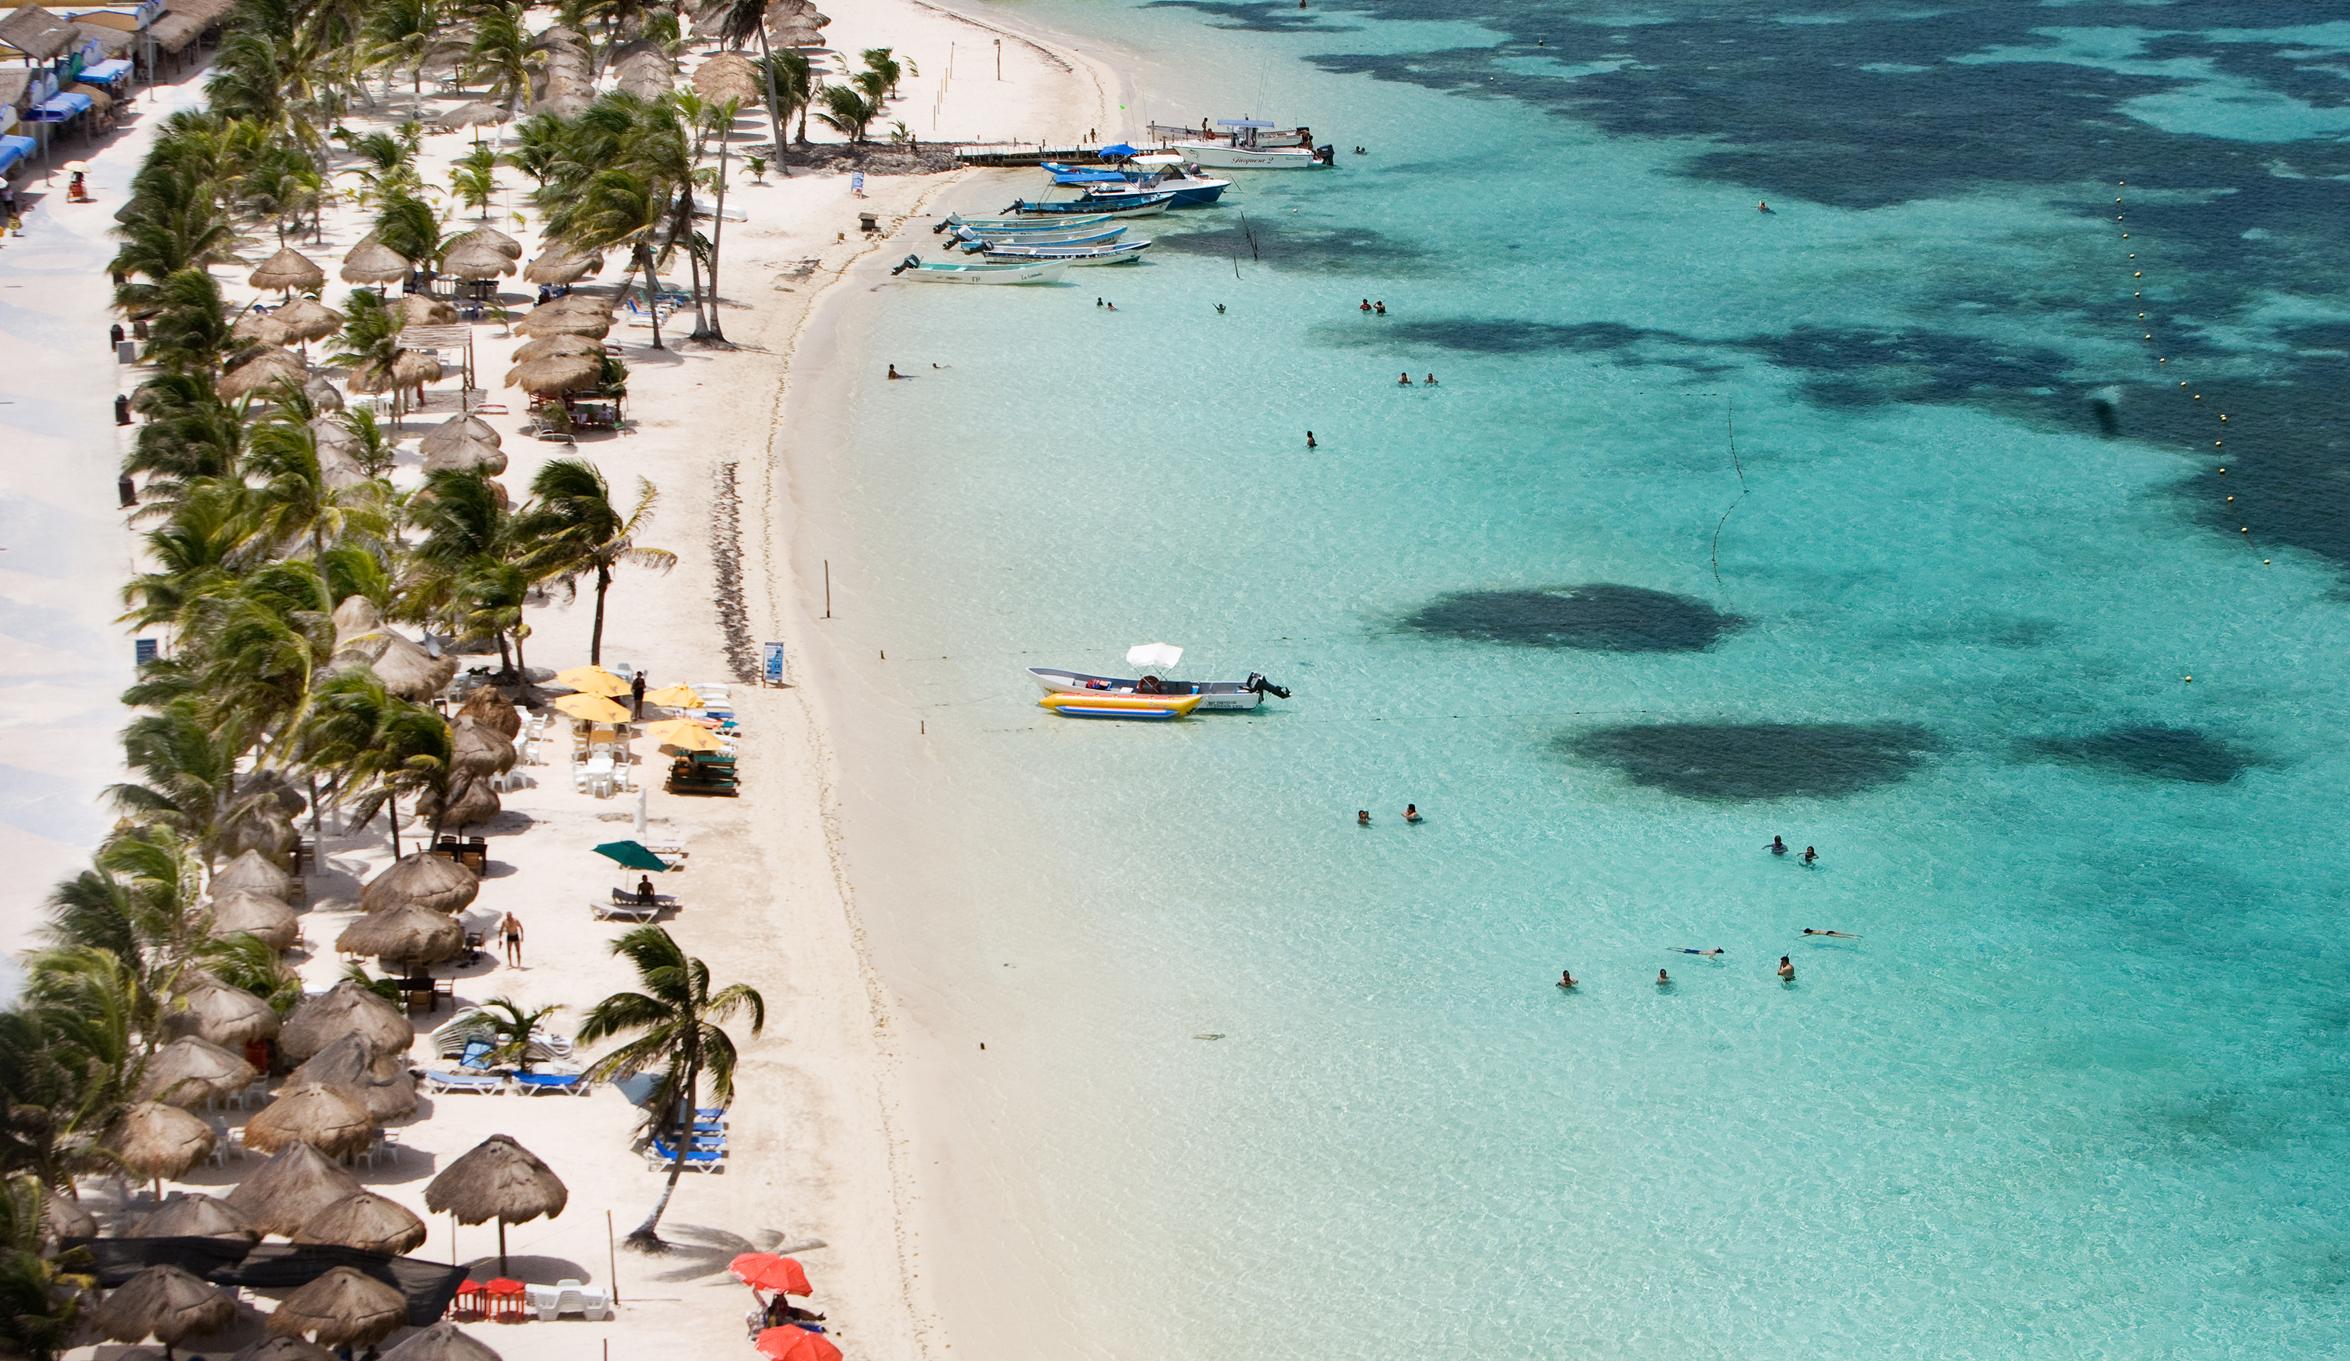 Adquiere gobierno de Quintana Roo póliza de seguro para arrecifes y playas